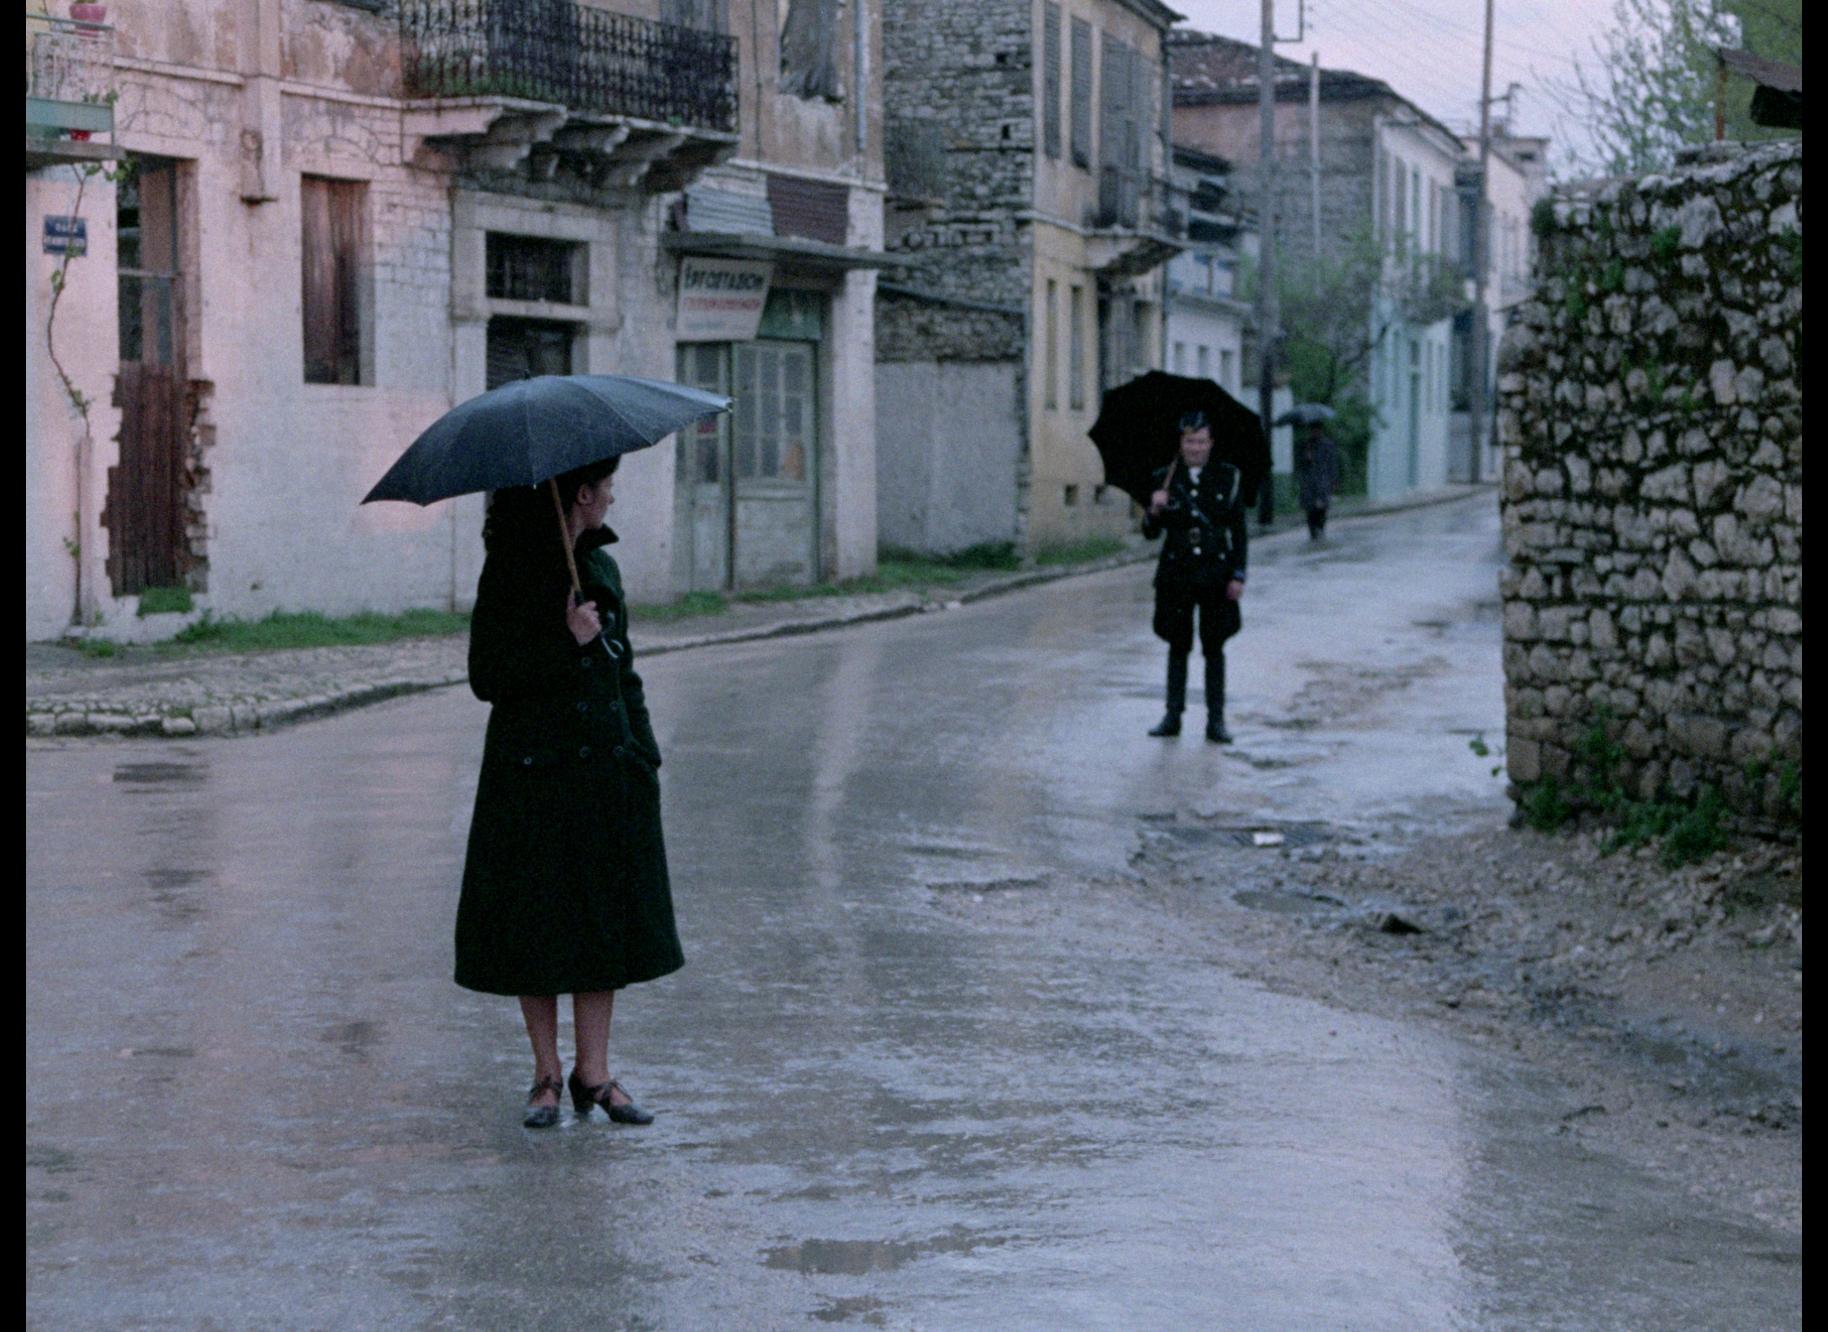 Χώρα, Σε Βλέπω: Ο εικοστός αιώνας του Ελληνικού Σινεμά